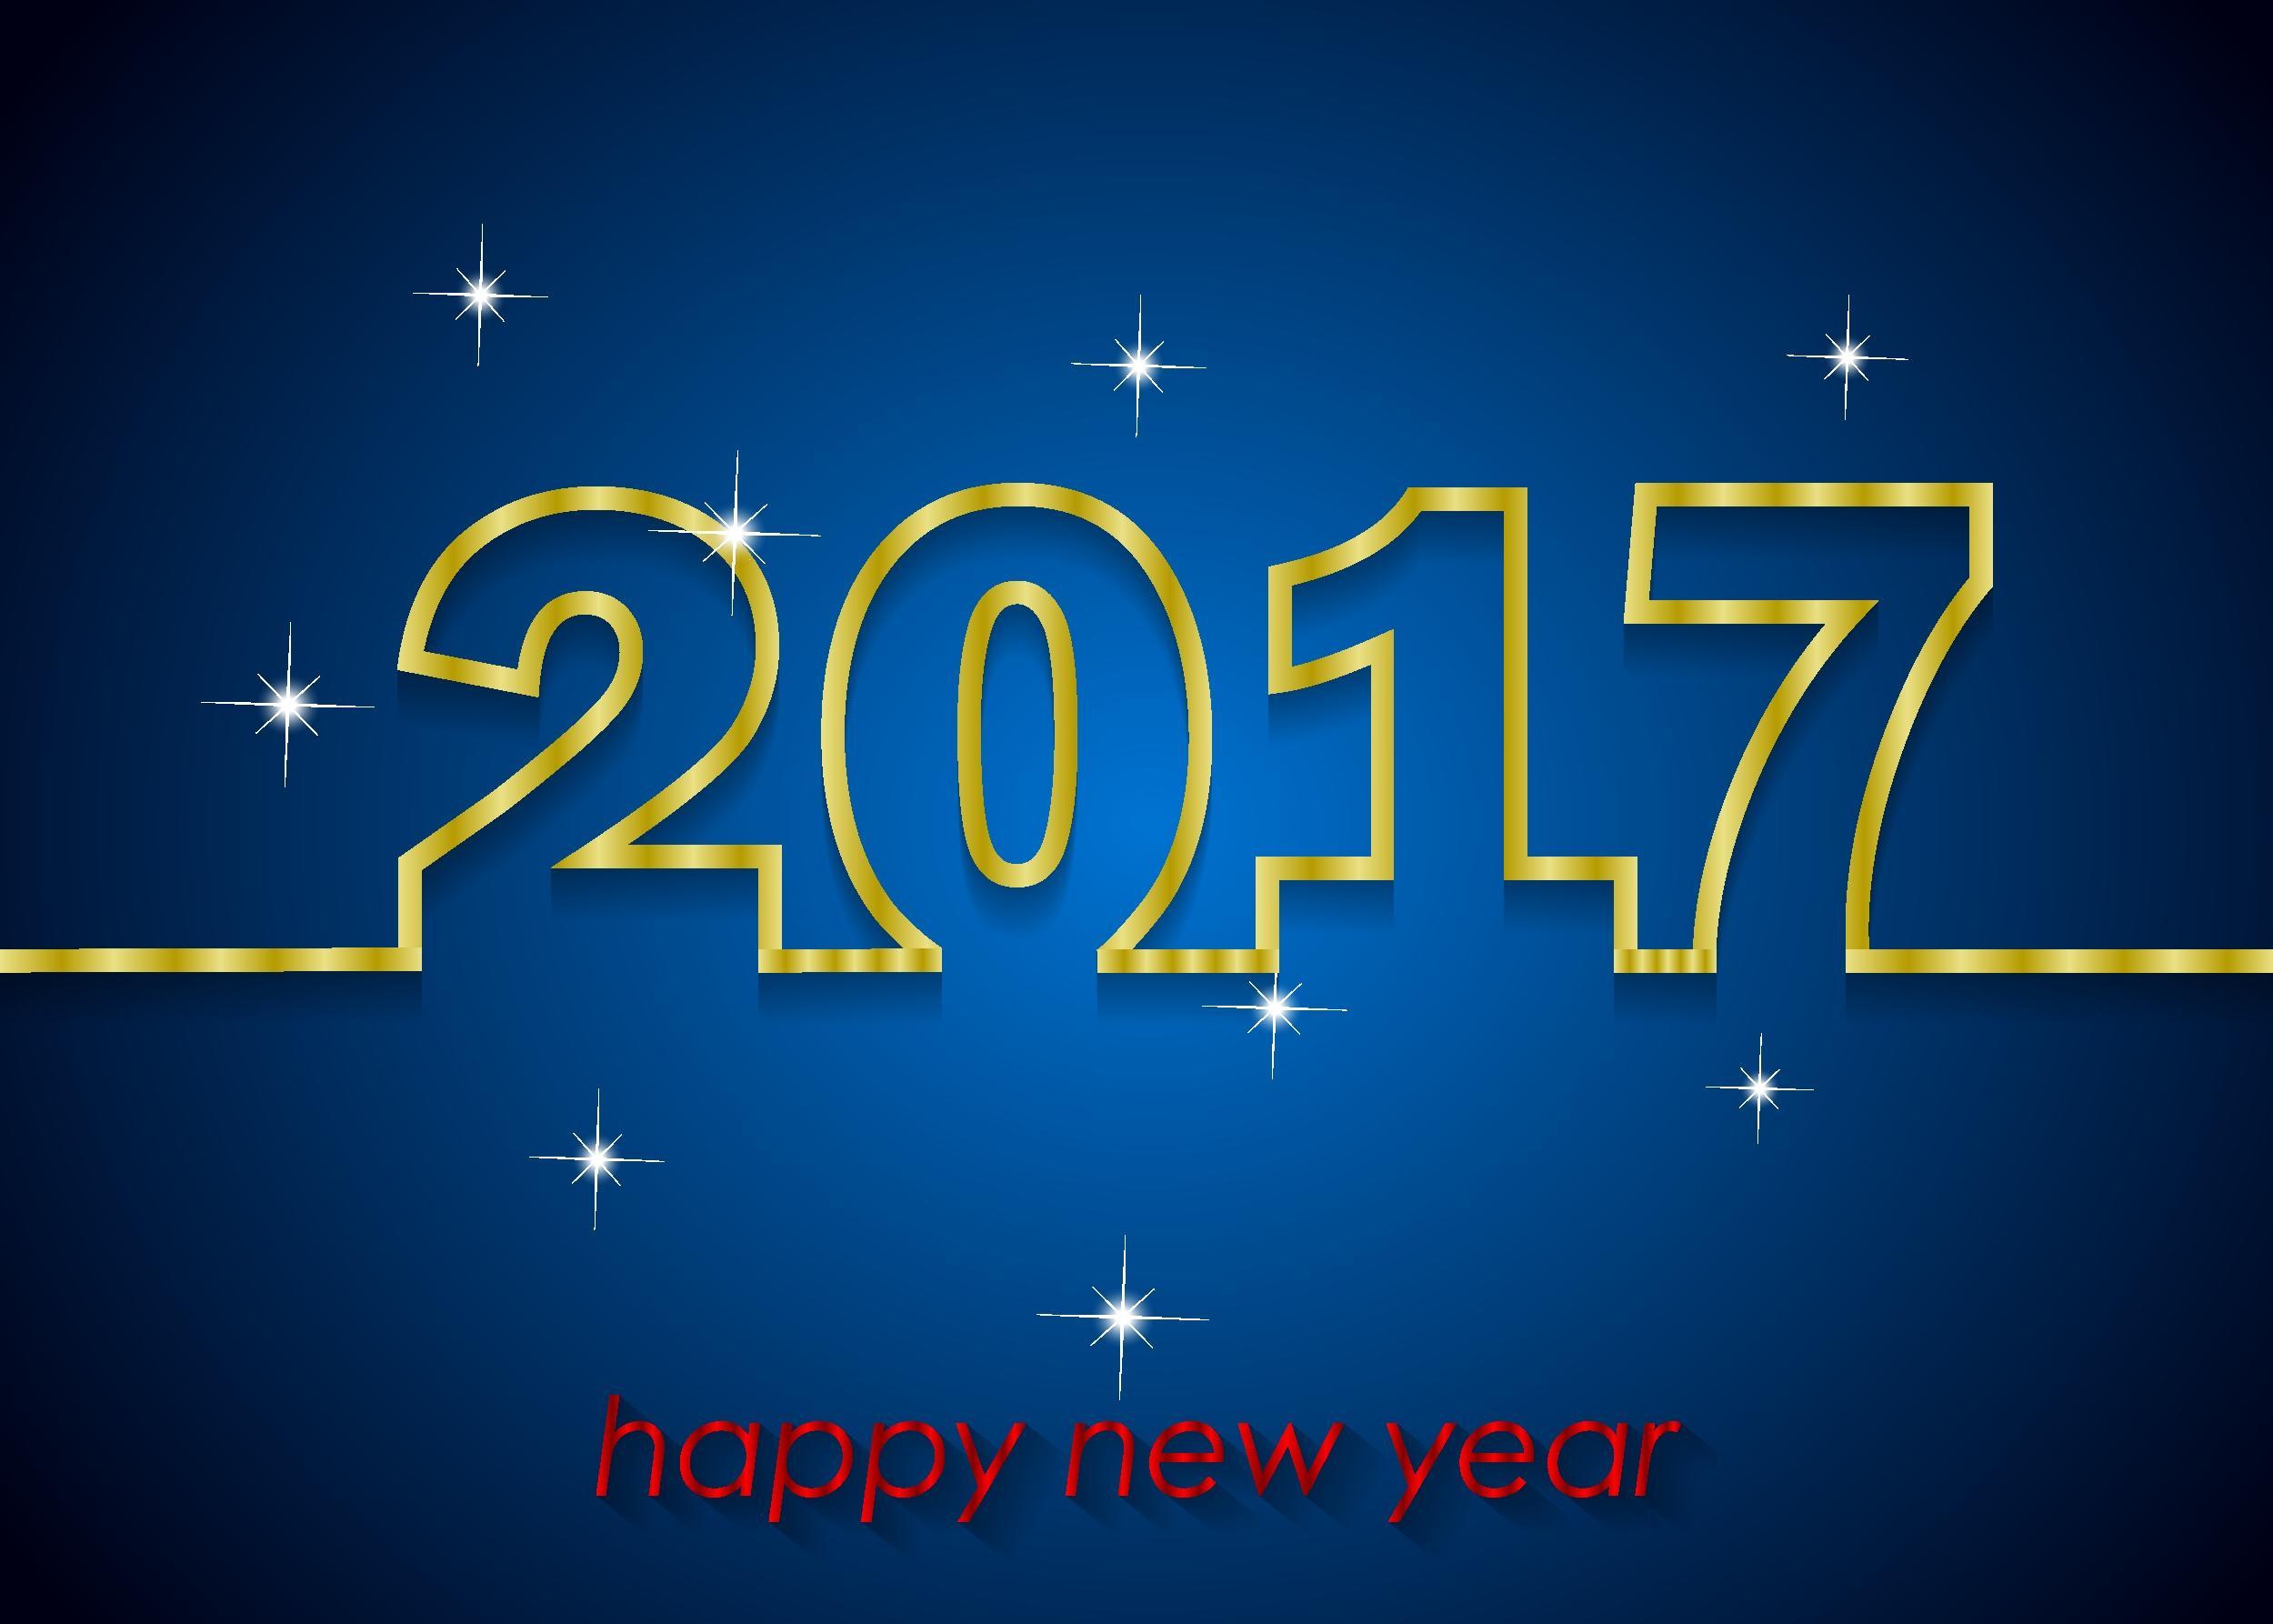 новогодние обои, новогодний фон, с новым годом